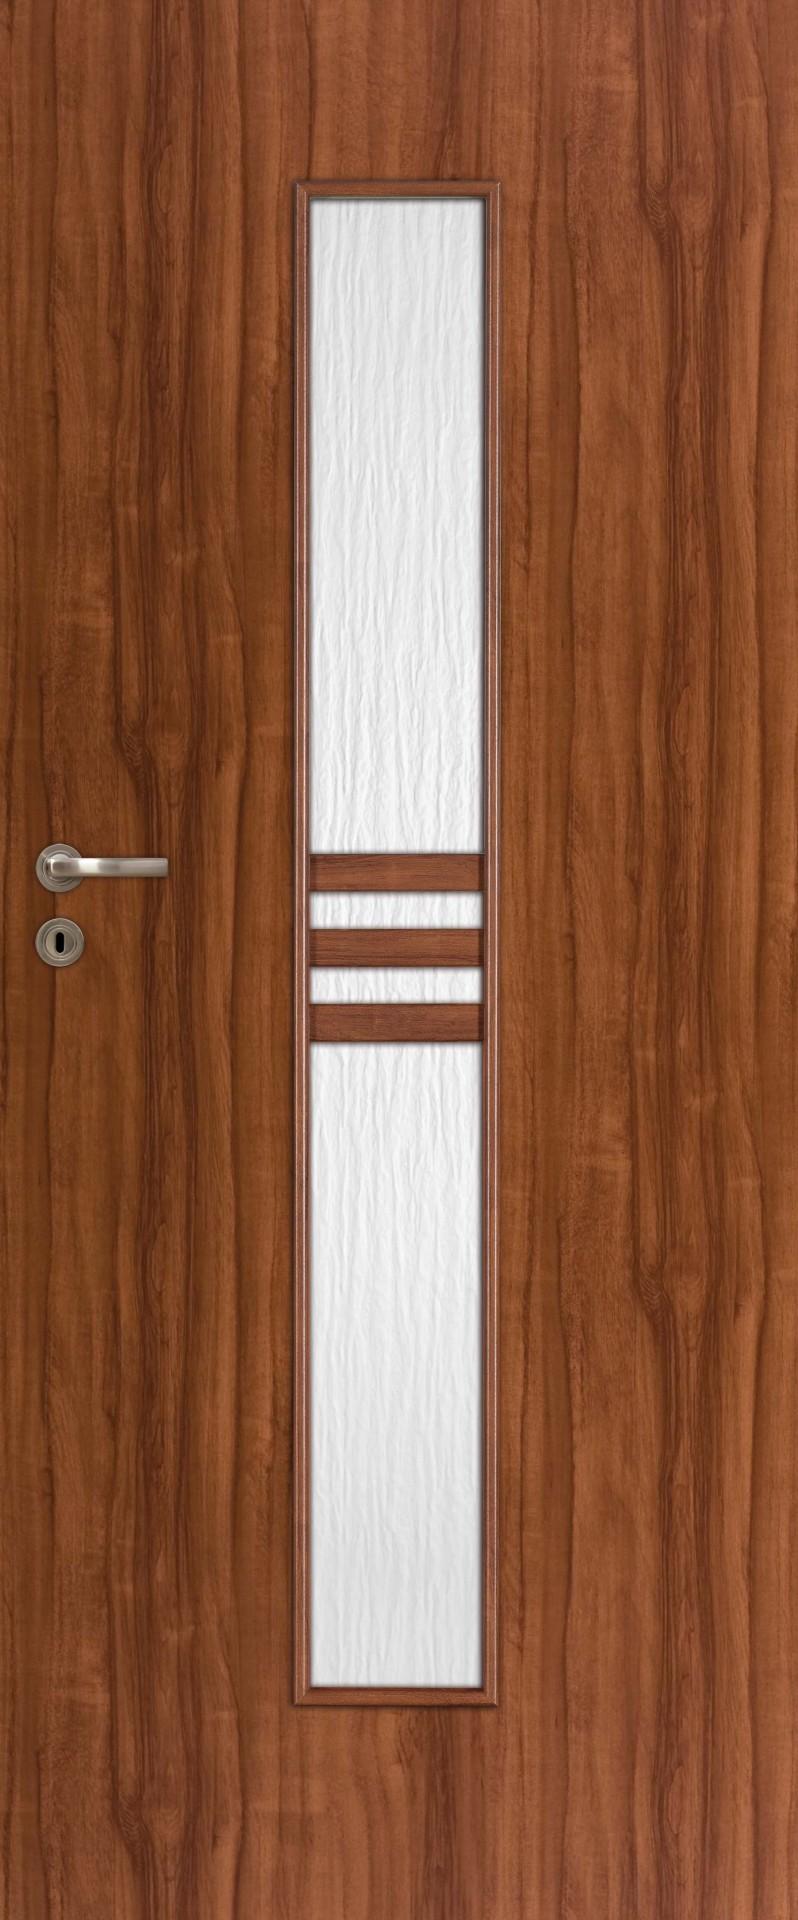 Dre dveře Arte 40, Šíře v cm 70